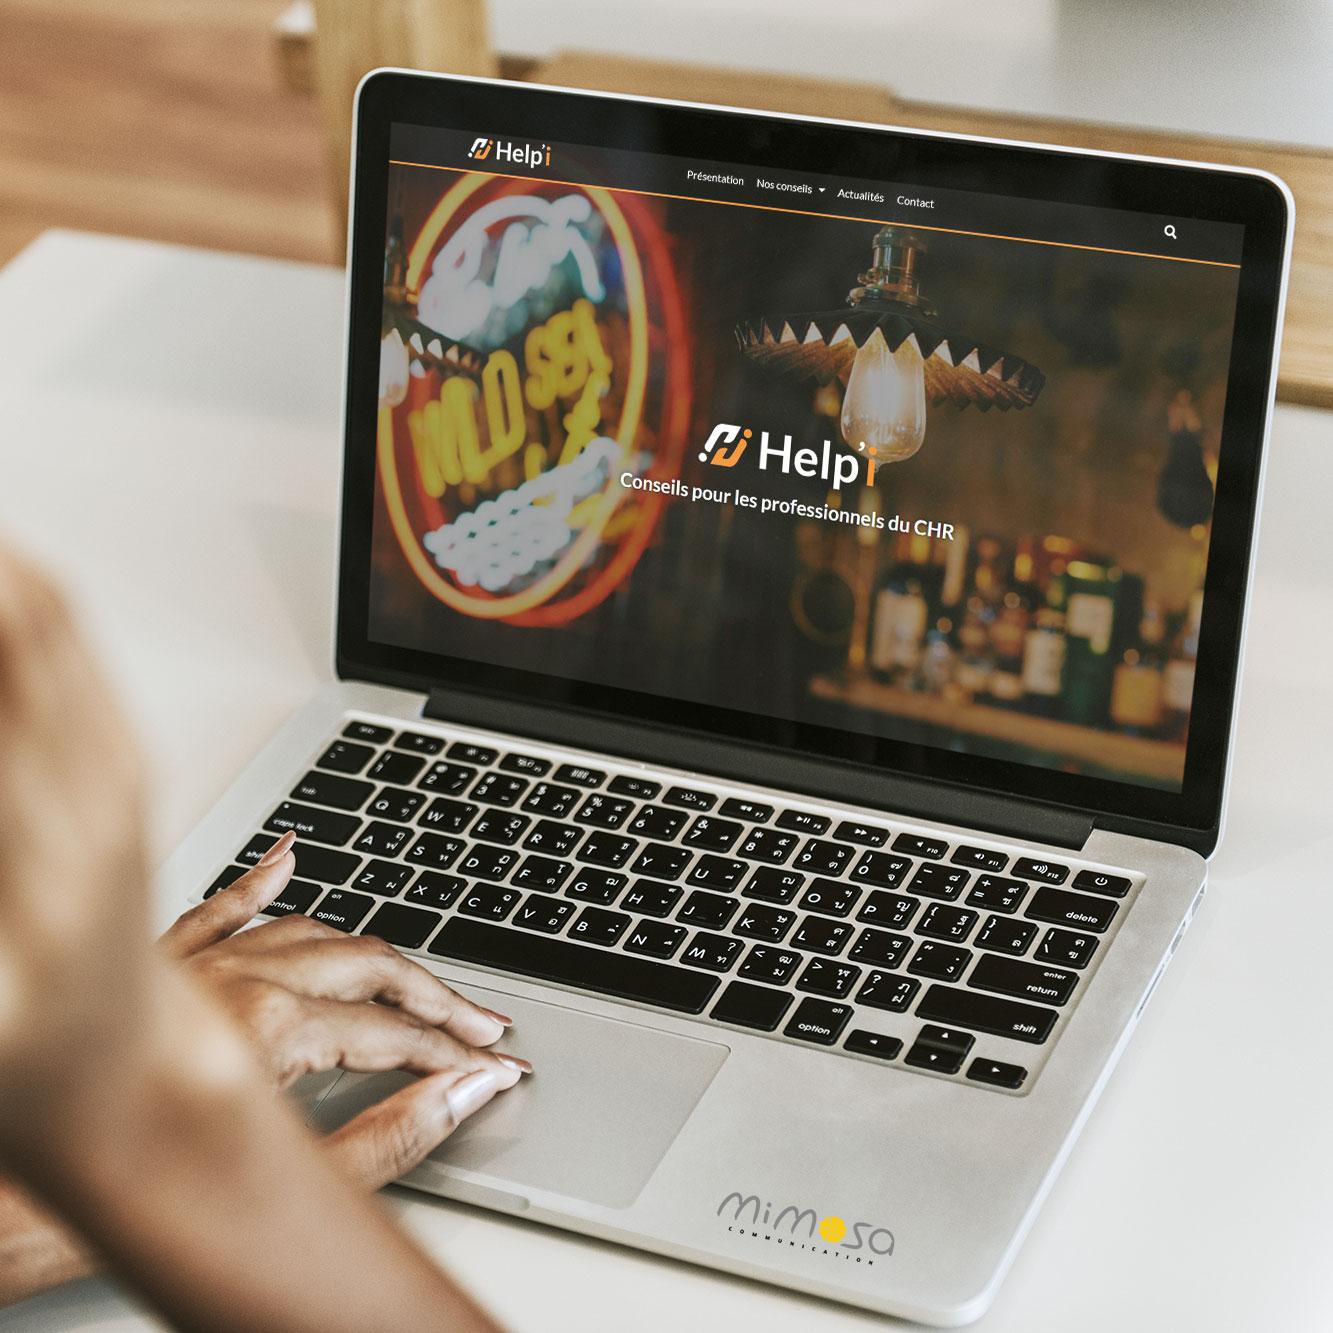 Site Help'i